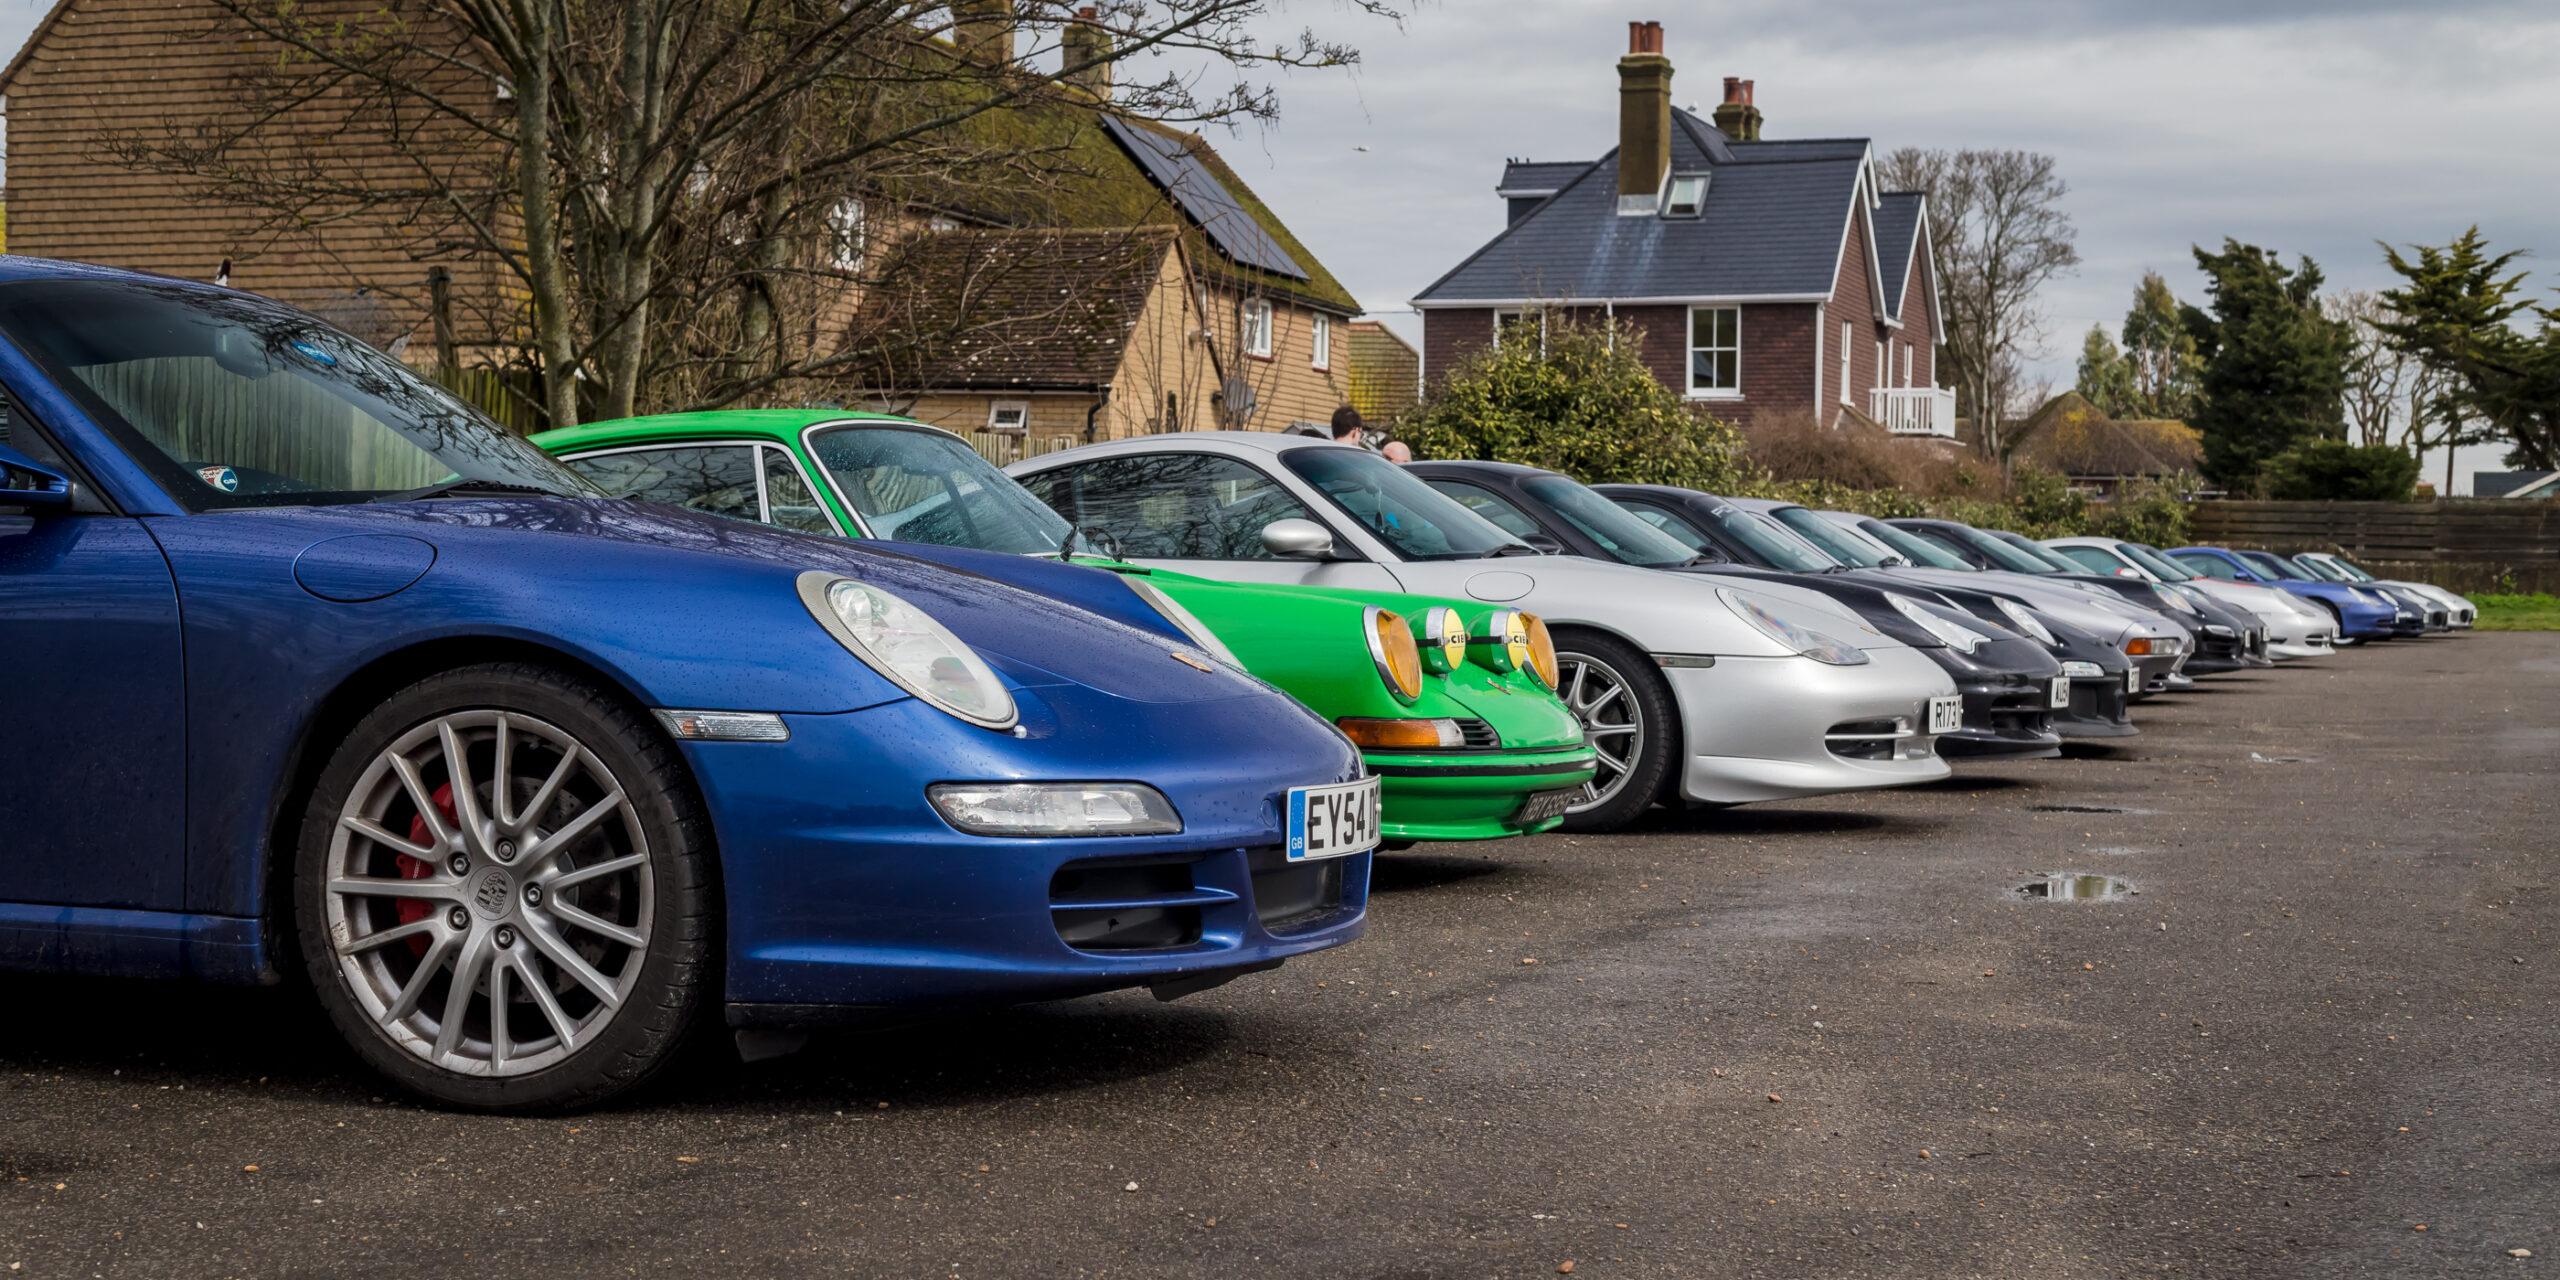 Row of Porsche 911's